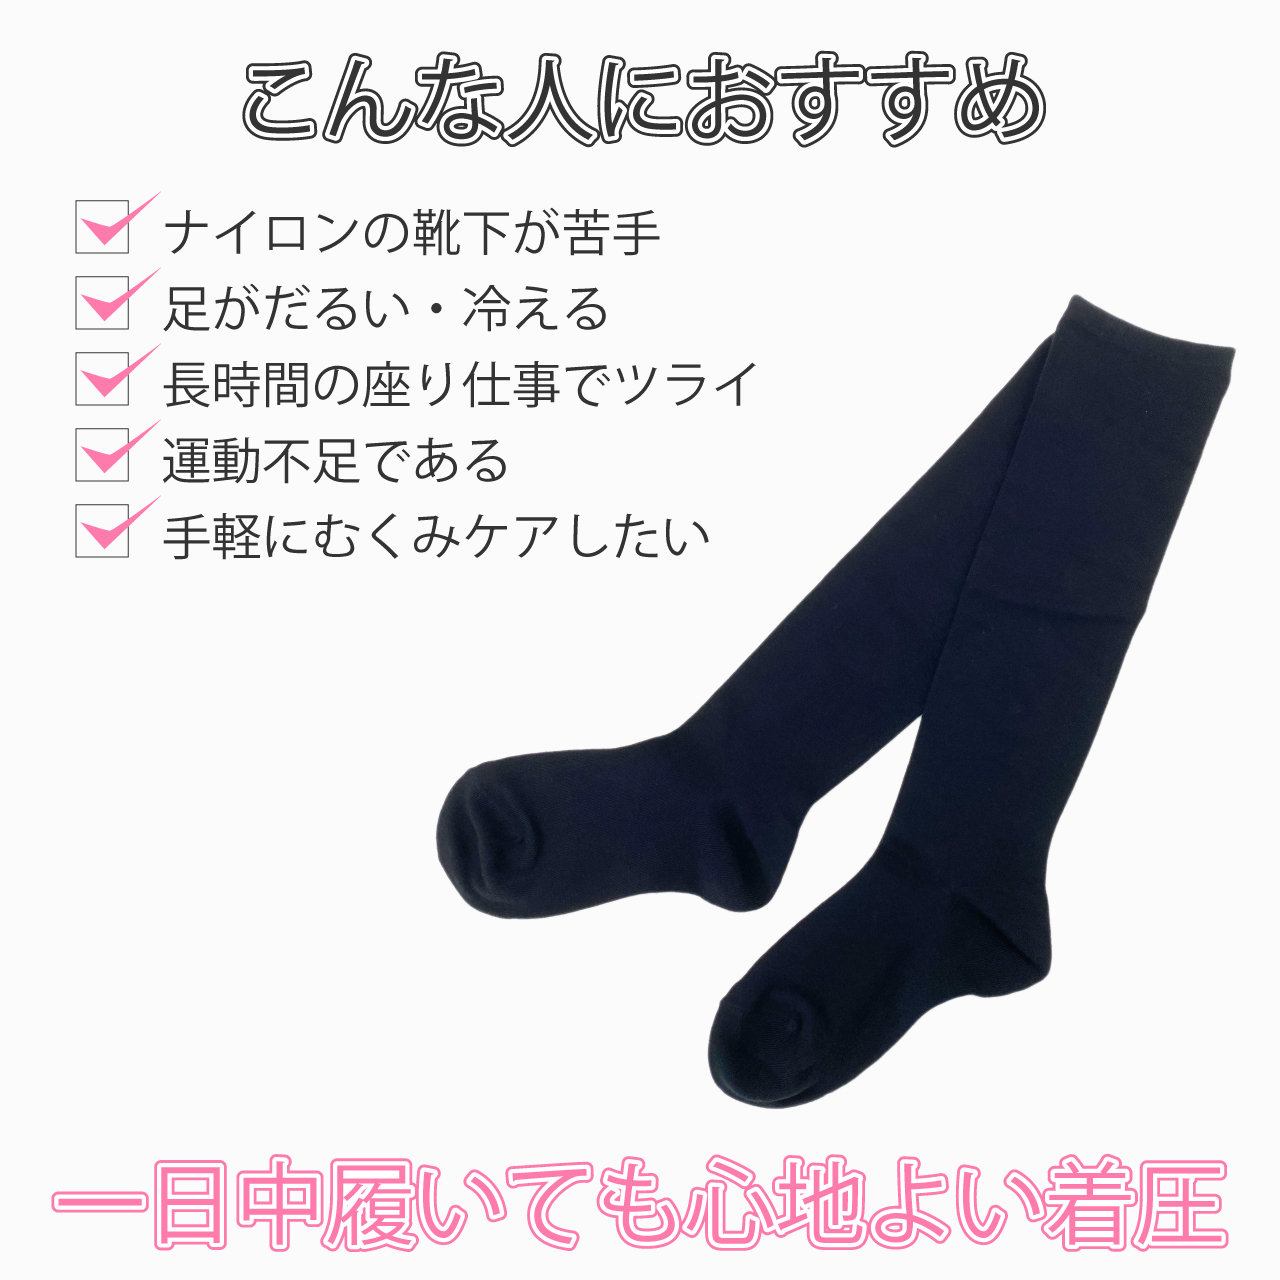 綿混素材の着圧ソックス 日本製